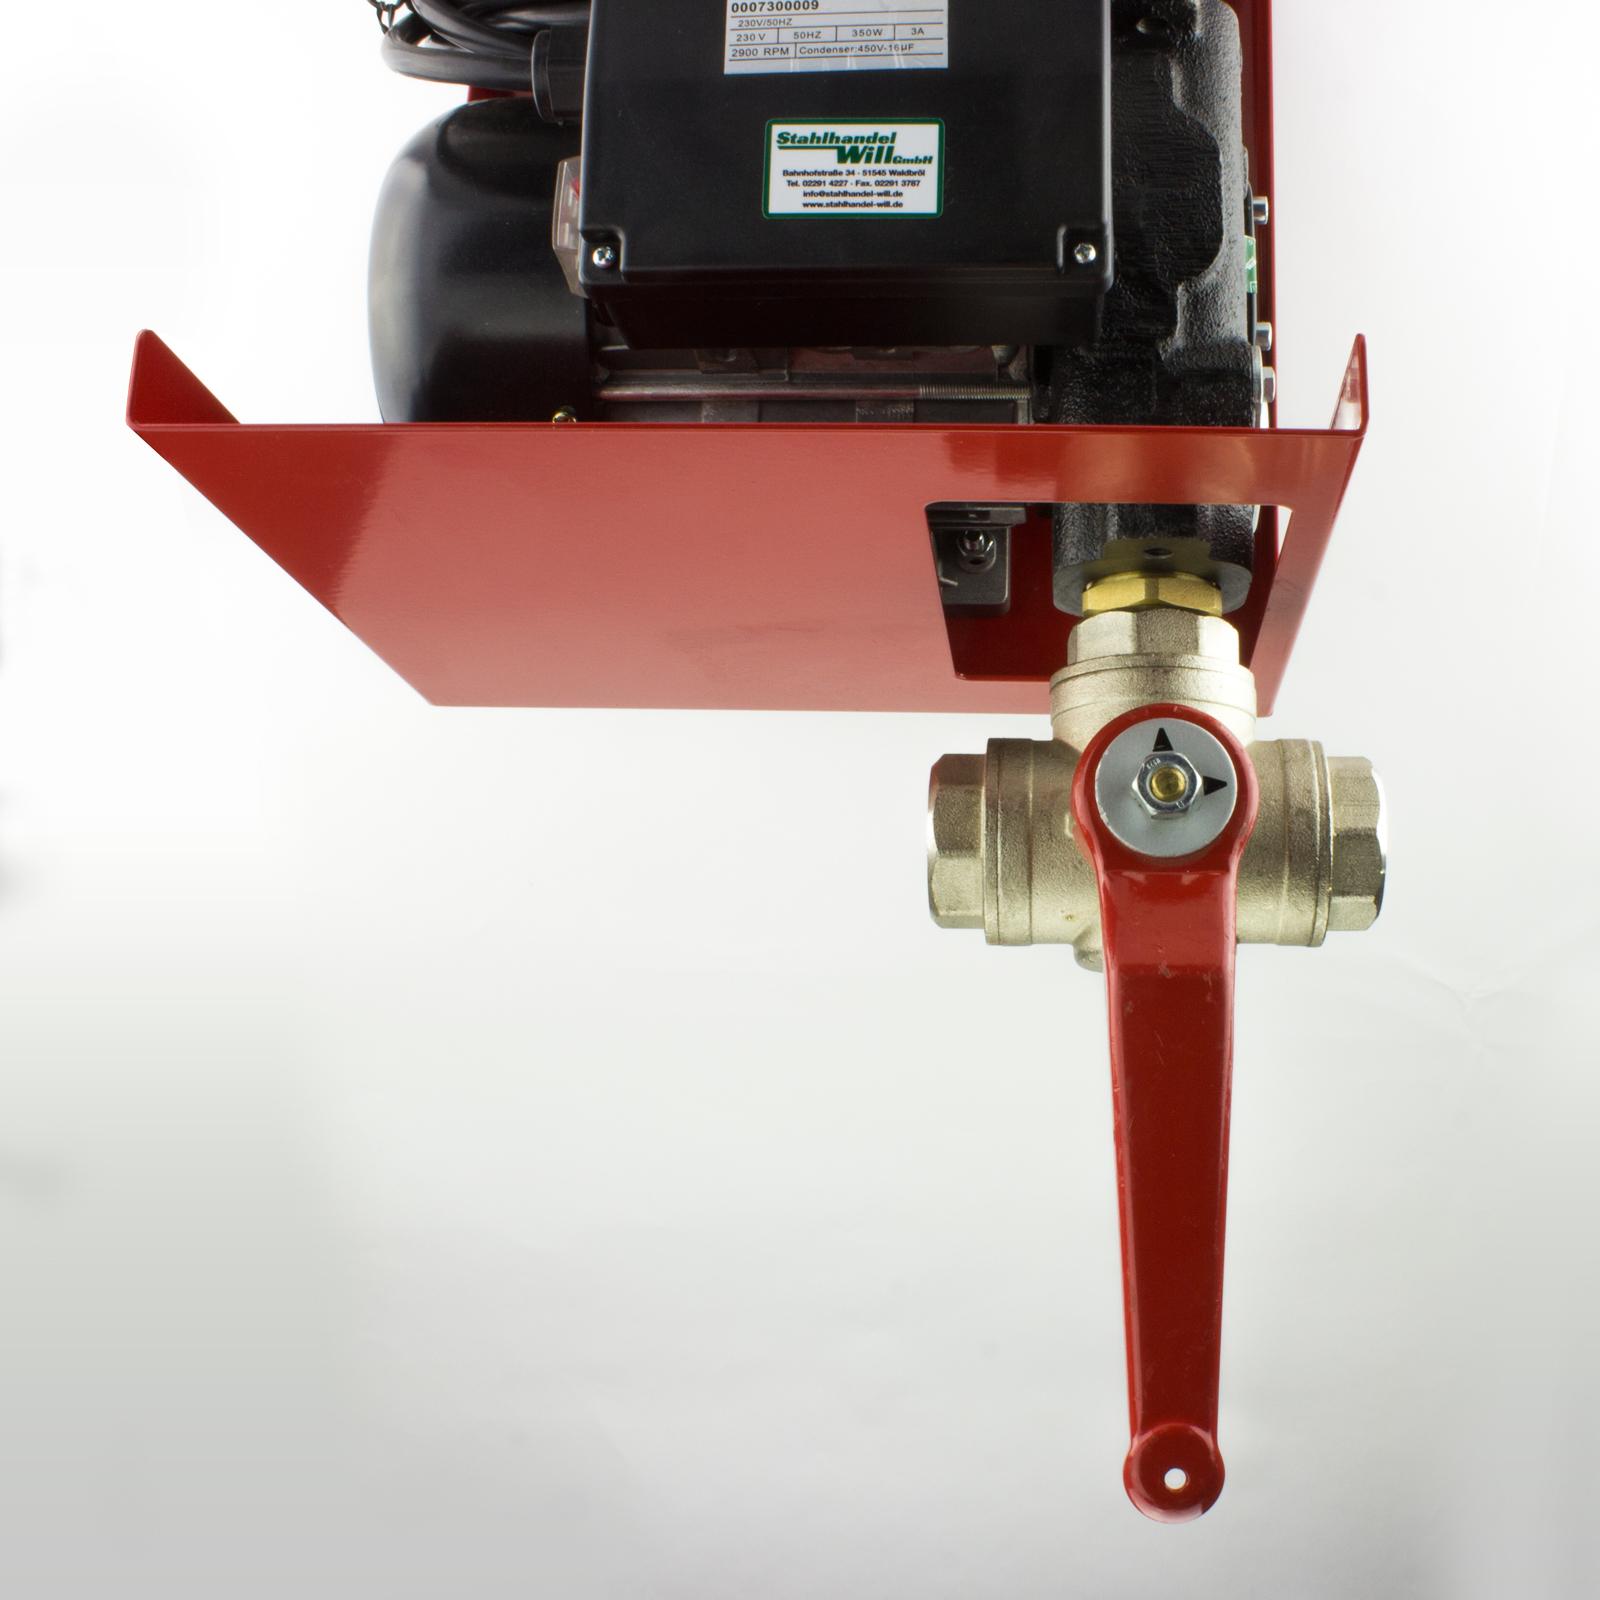 Kugelventil f r pumpe dieselpumpe doppeltank ltank for Gartenpool mit pumpe